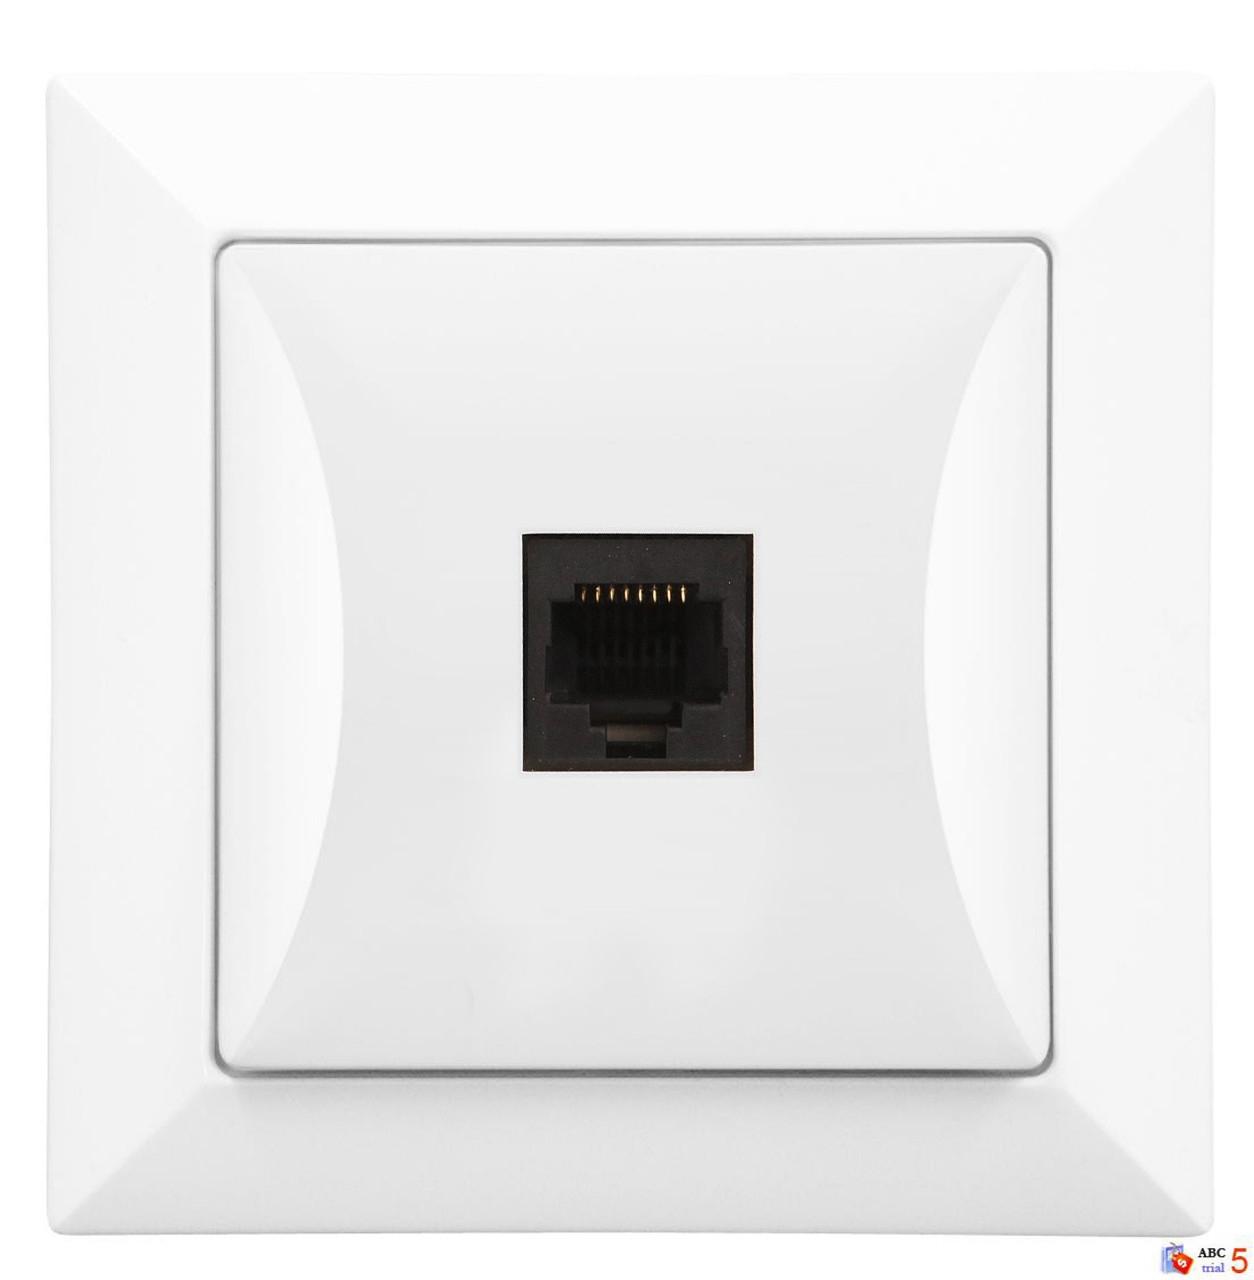 Zásuvka počítačová 8 pin, bílá